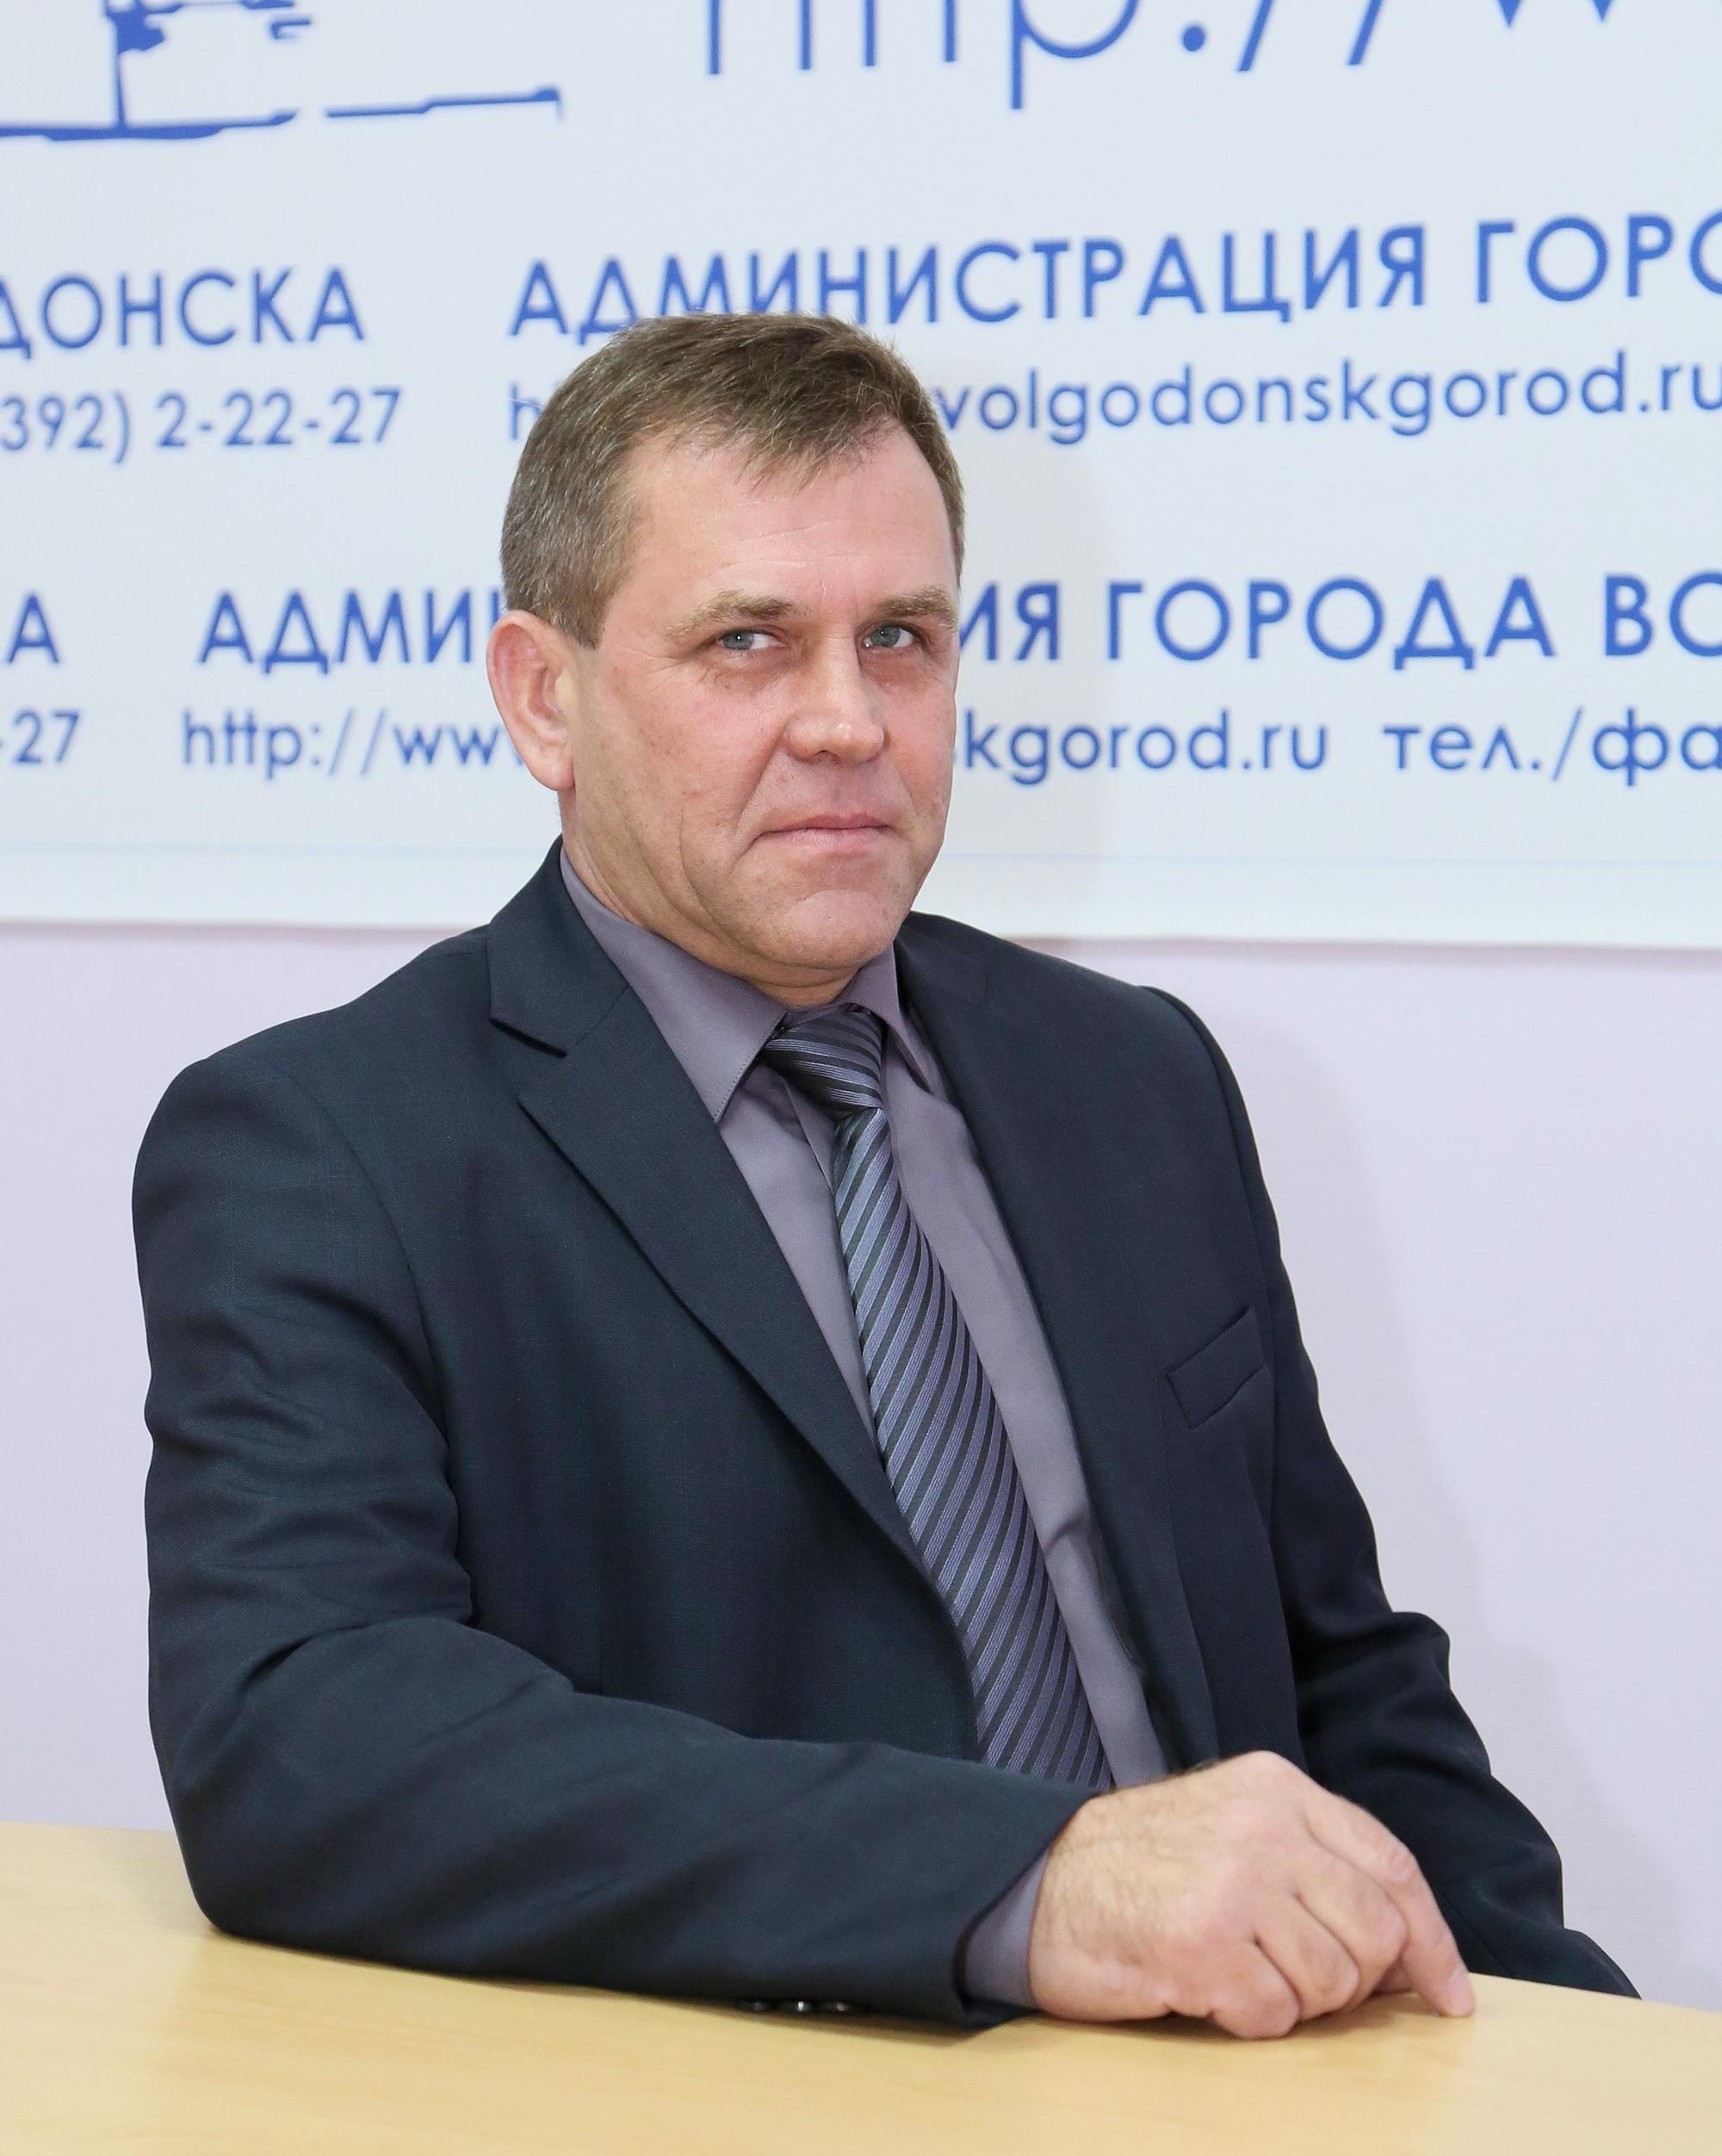 Кулеша Вадим Иванович